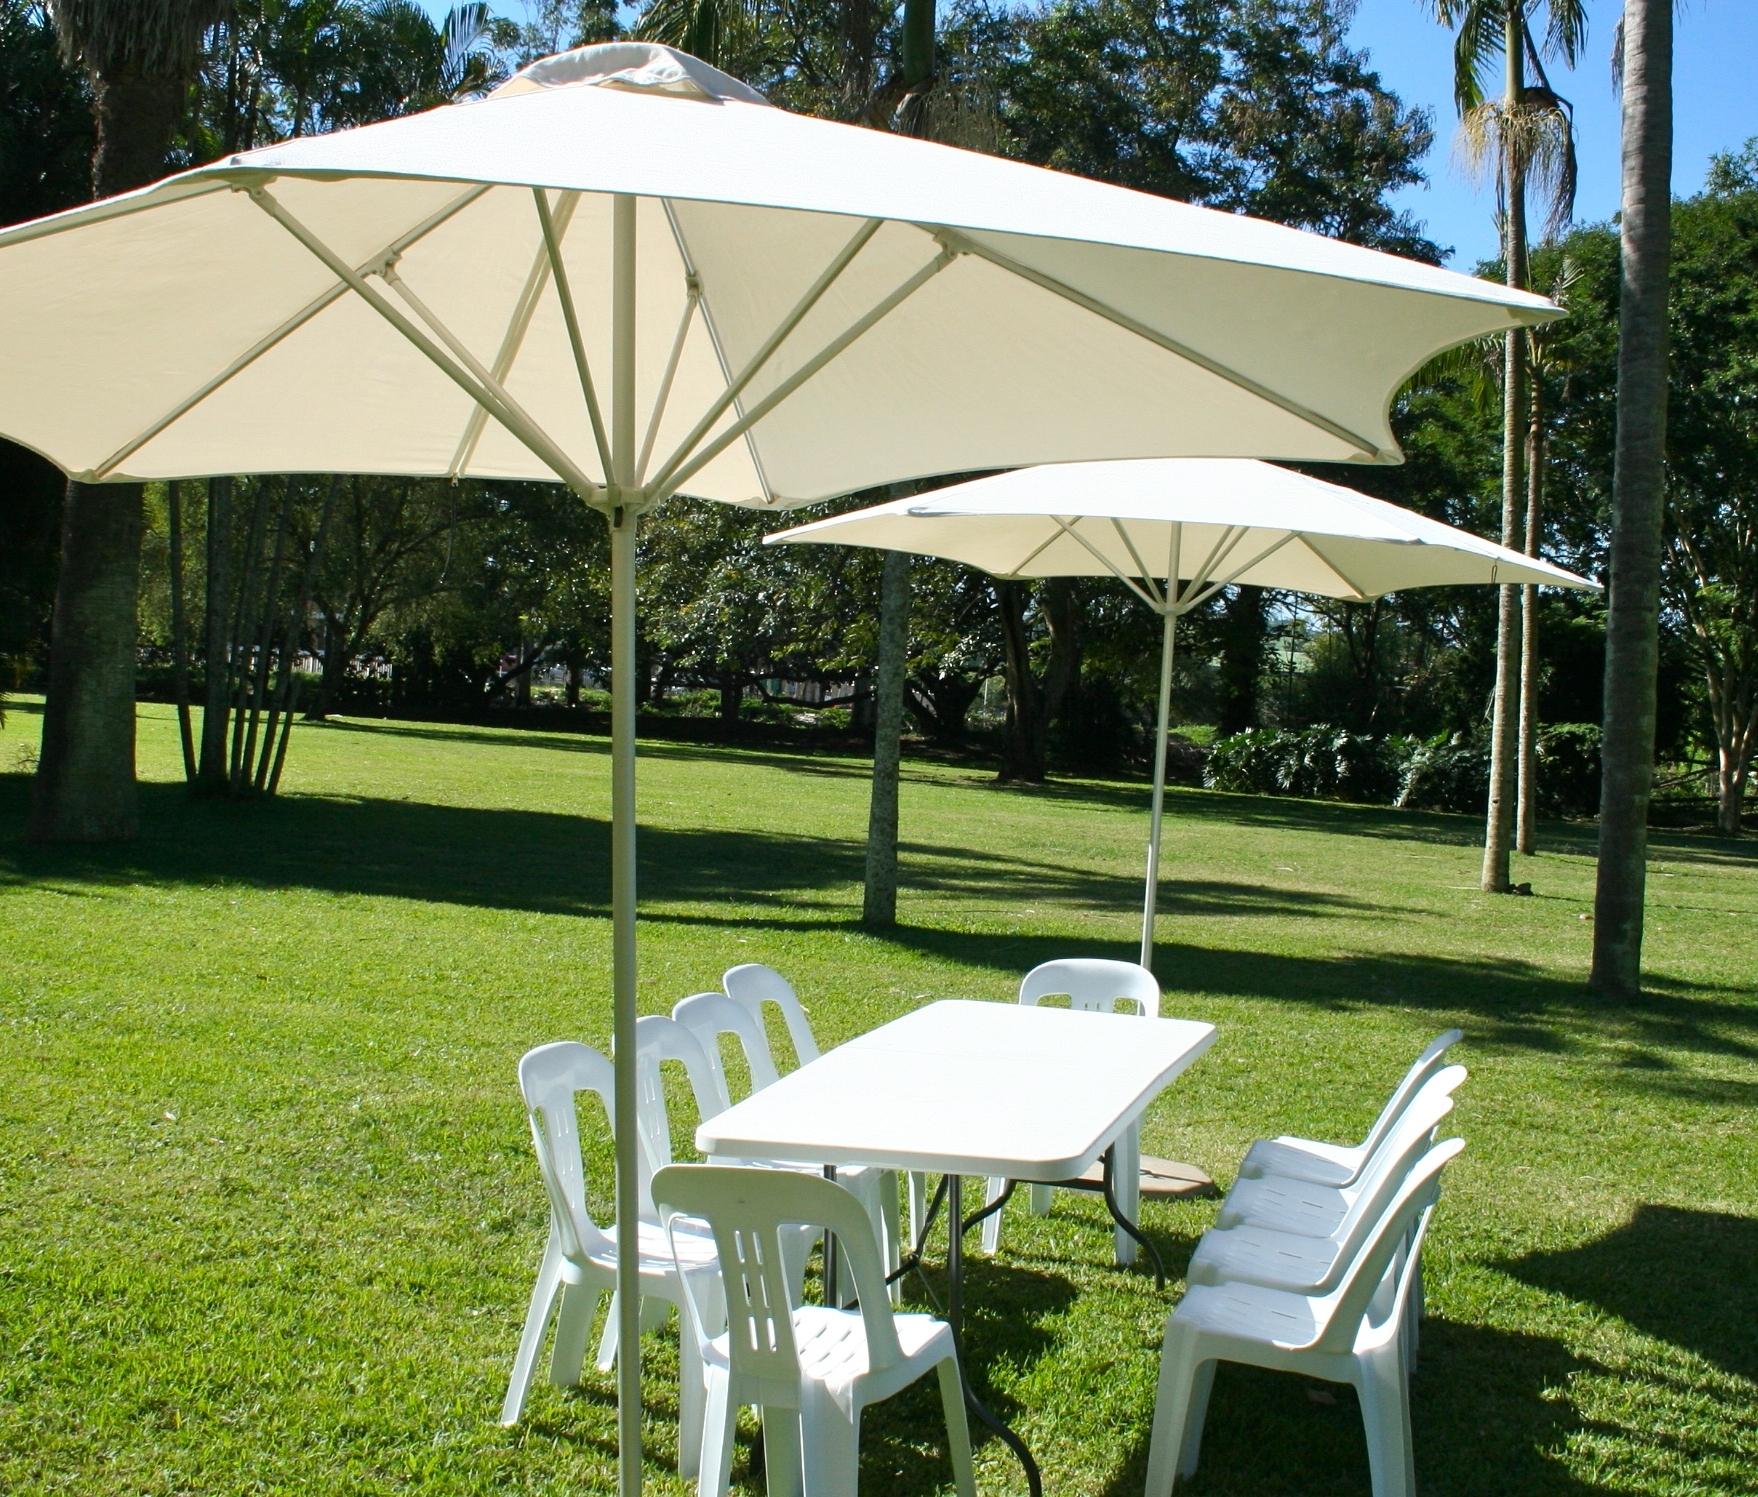 Large Patio Umbrellas Regarding Preferred Outdoor Patio Umbrella Rental Umbrella Hire (View 7 of 20)